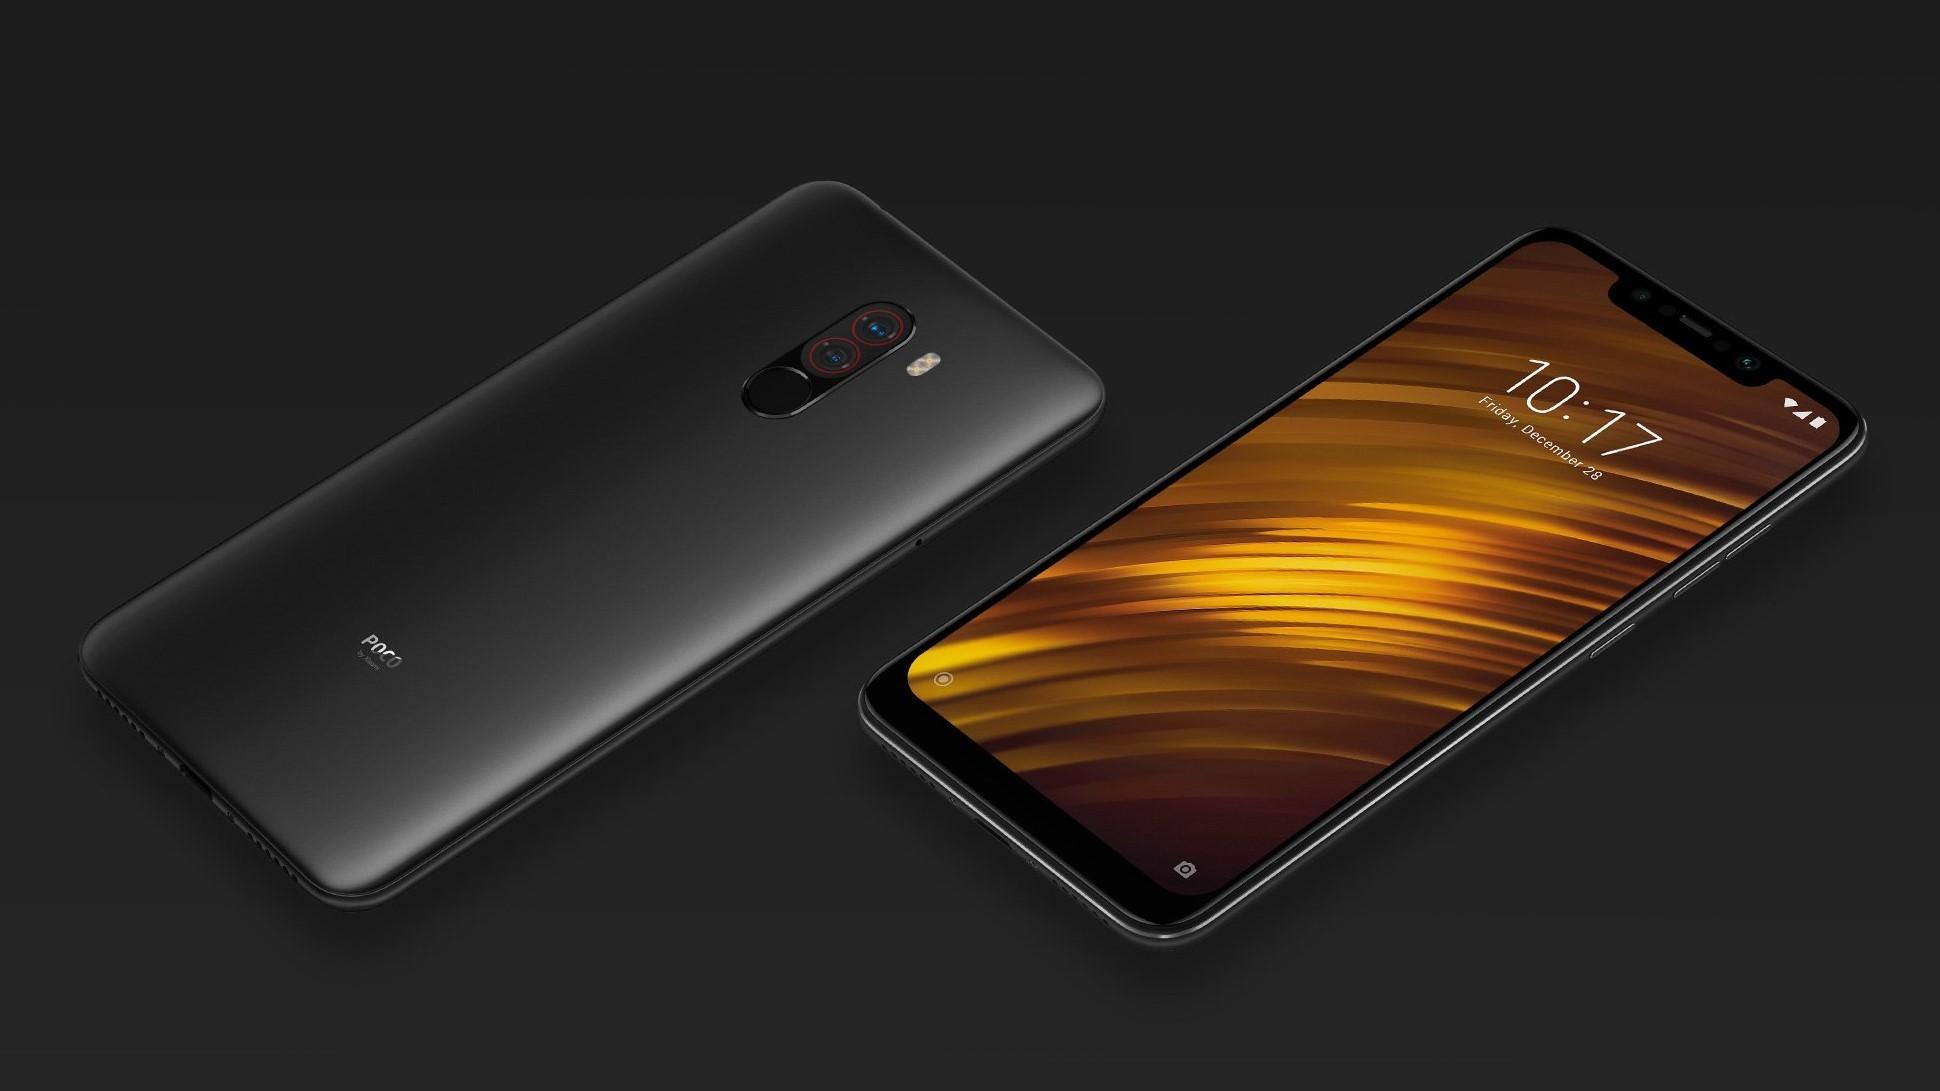 Цены и дата старта продаж Xiaomi POCOPHONE F1 в России